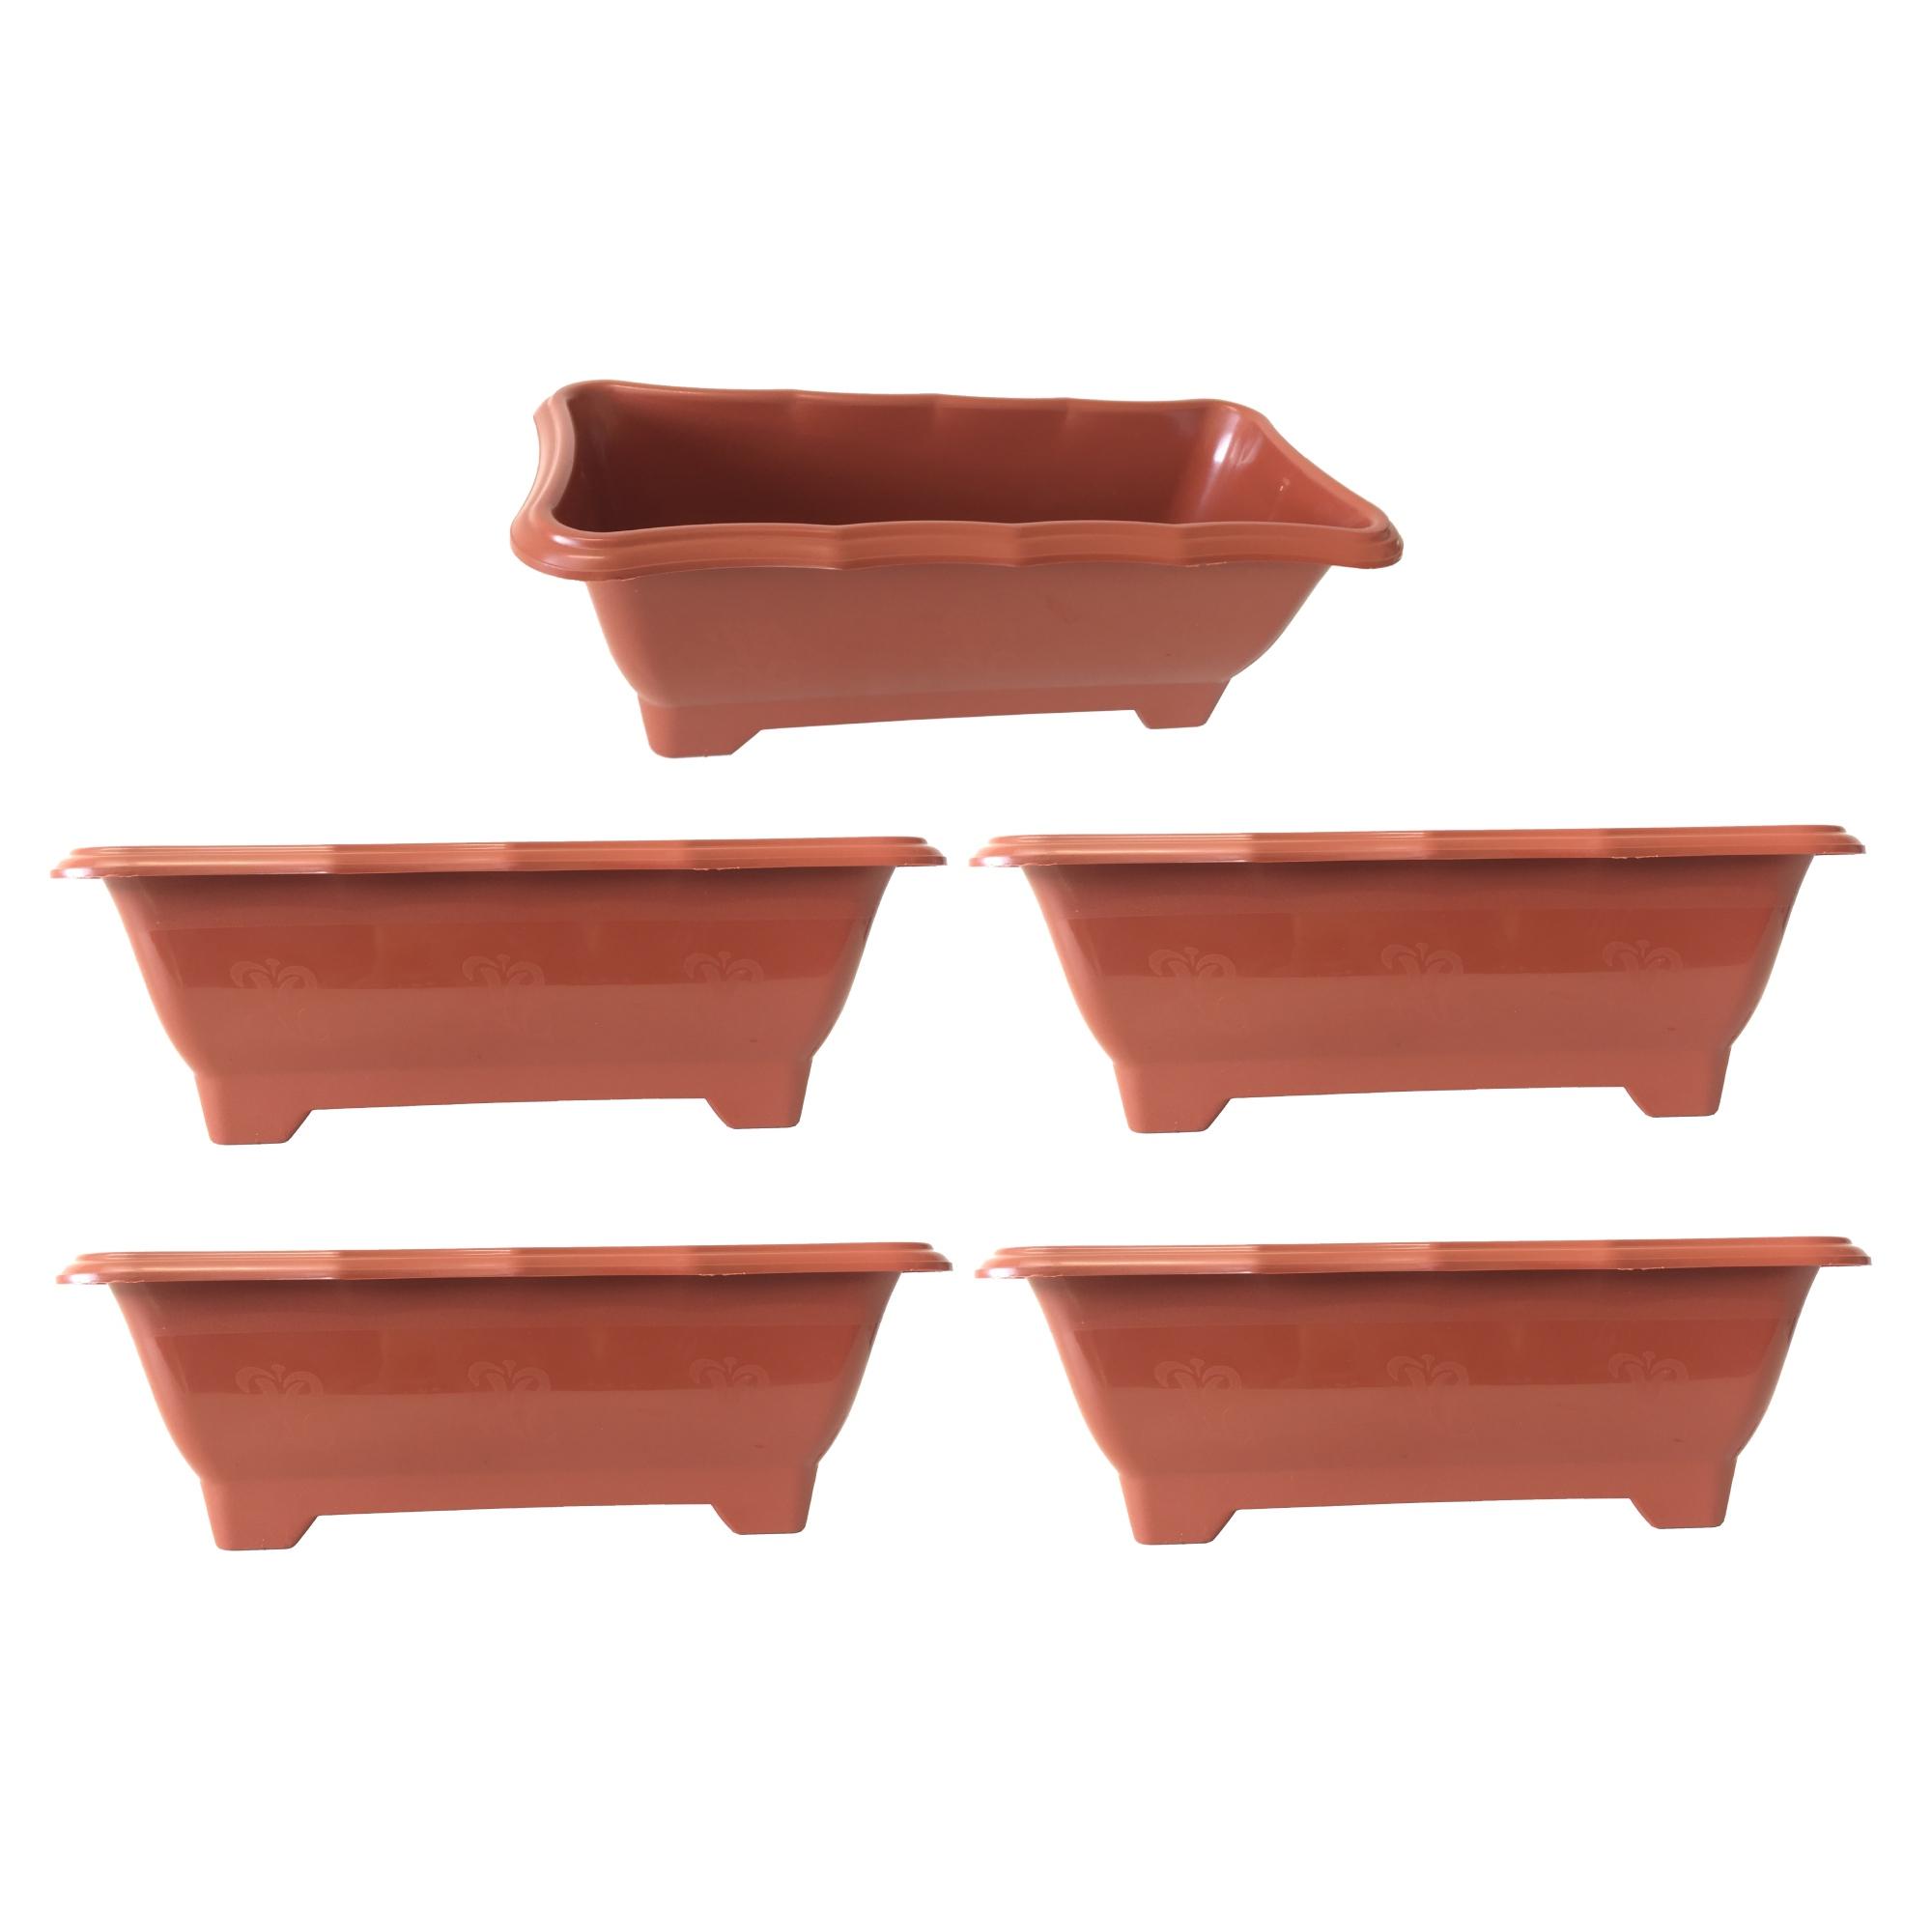 Kit 5 Vaso Jardineira Floreira  Terracota Arqplast Média 37,5x17,5x14cm - 25300